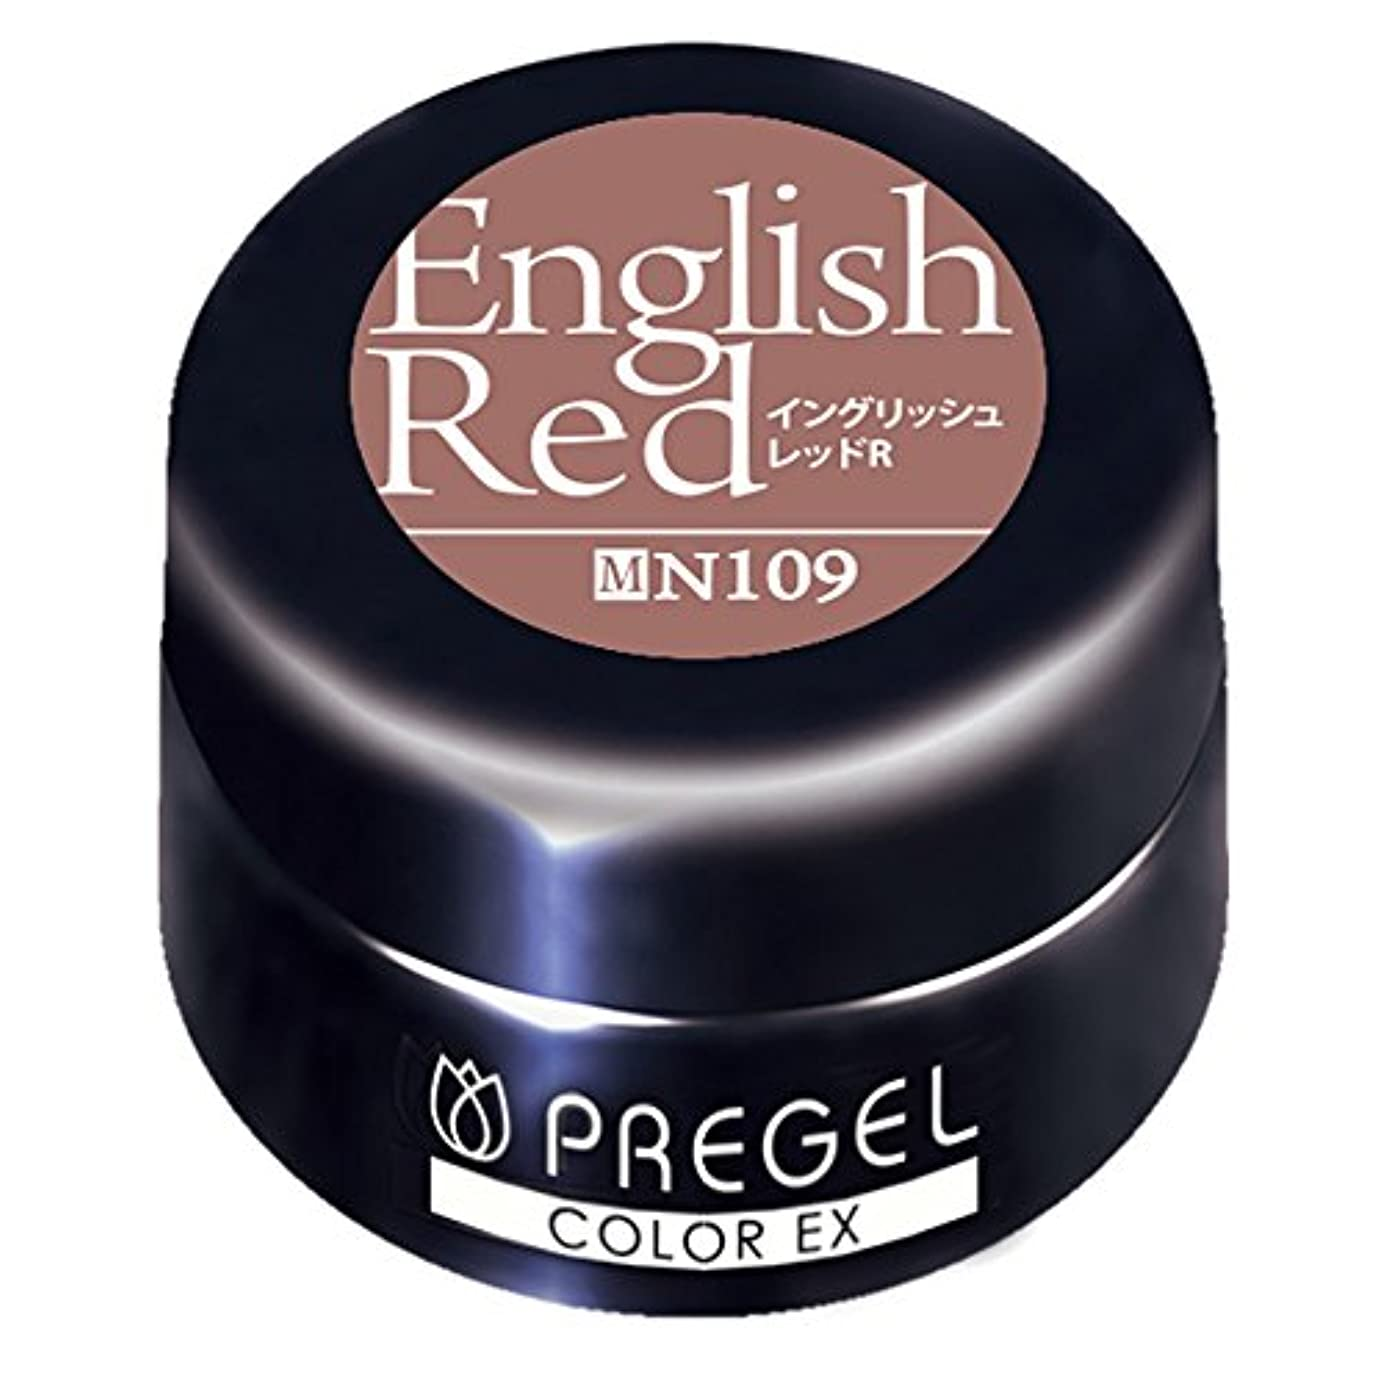 メニュー予言する広範囲PRE GEL カラージェル カラーEX イングリッシュレッド R109 3g UV/LED対応タイオウ